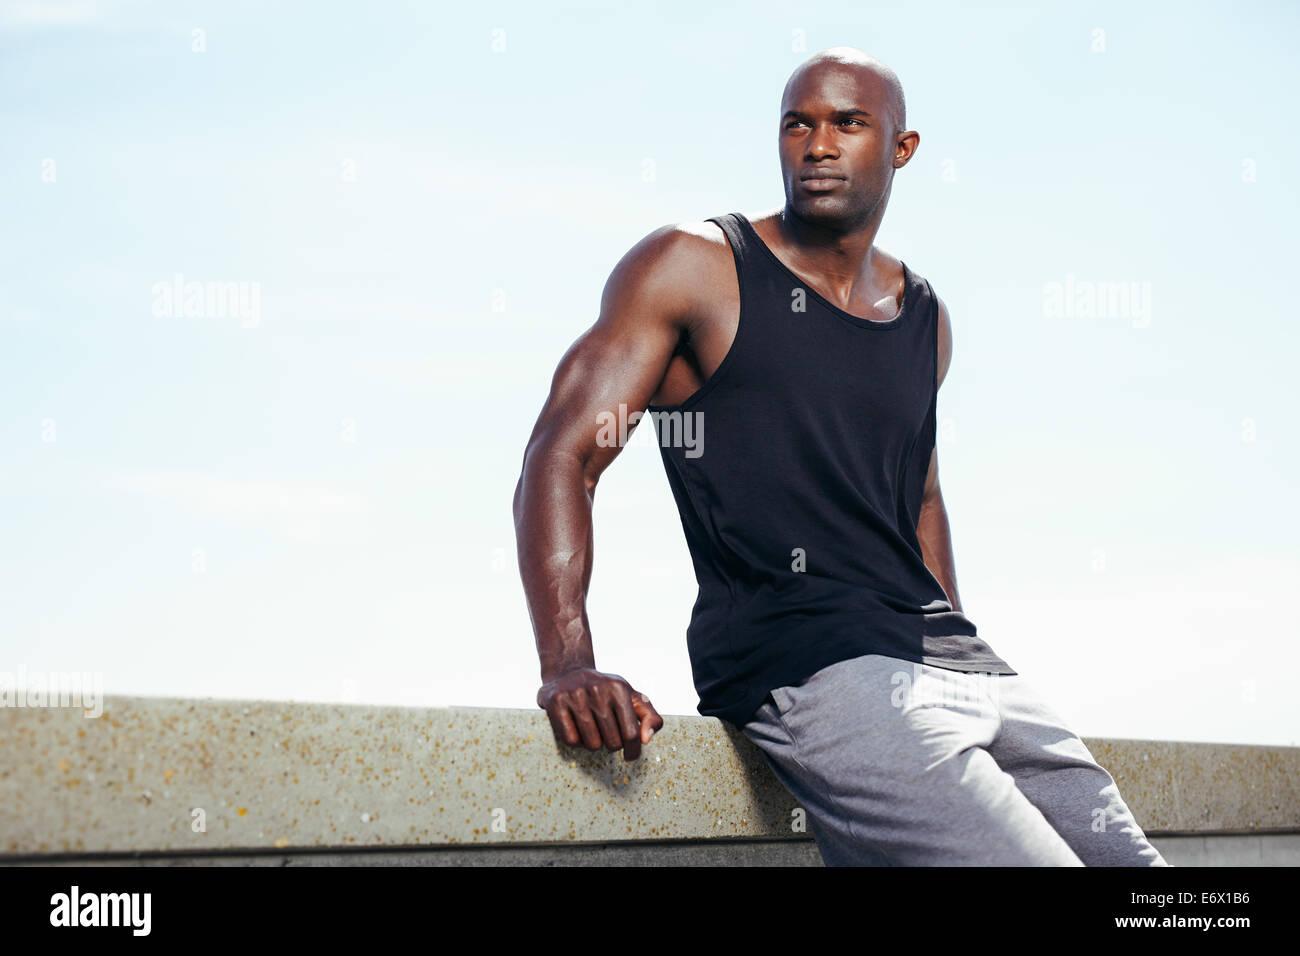 Immagine di muscolare di giovane uomo seduto all'esterno contro il cielo che guarda lontano a copyspace. Montare Immagini Stock